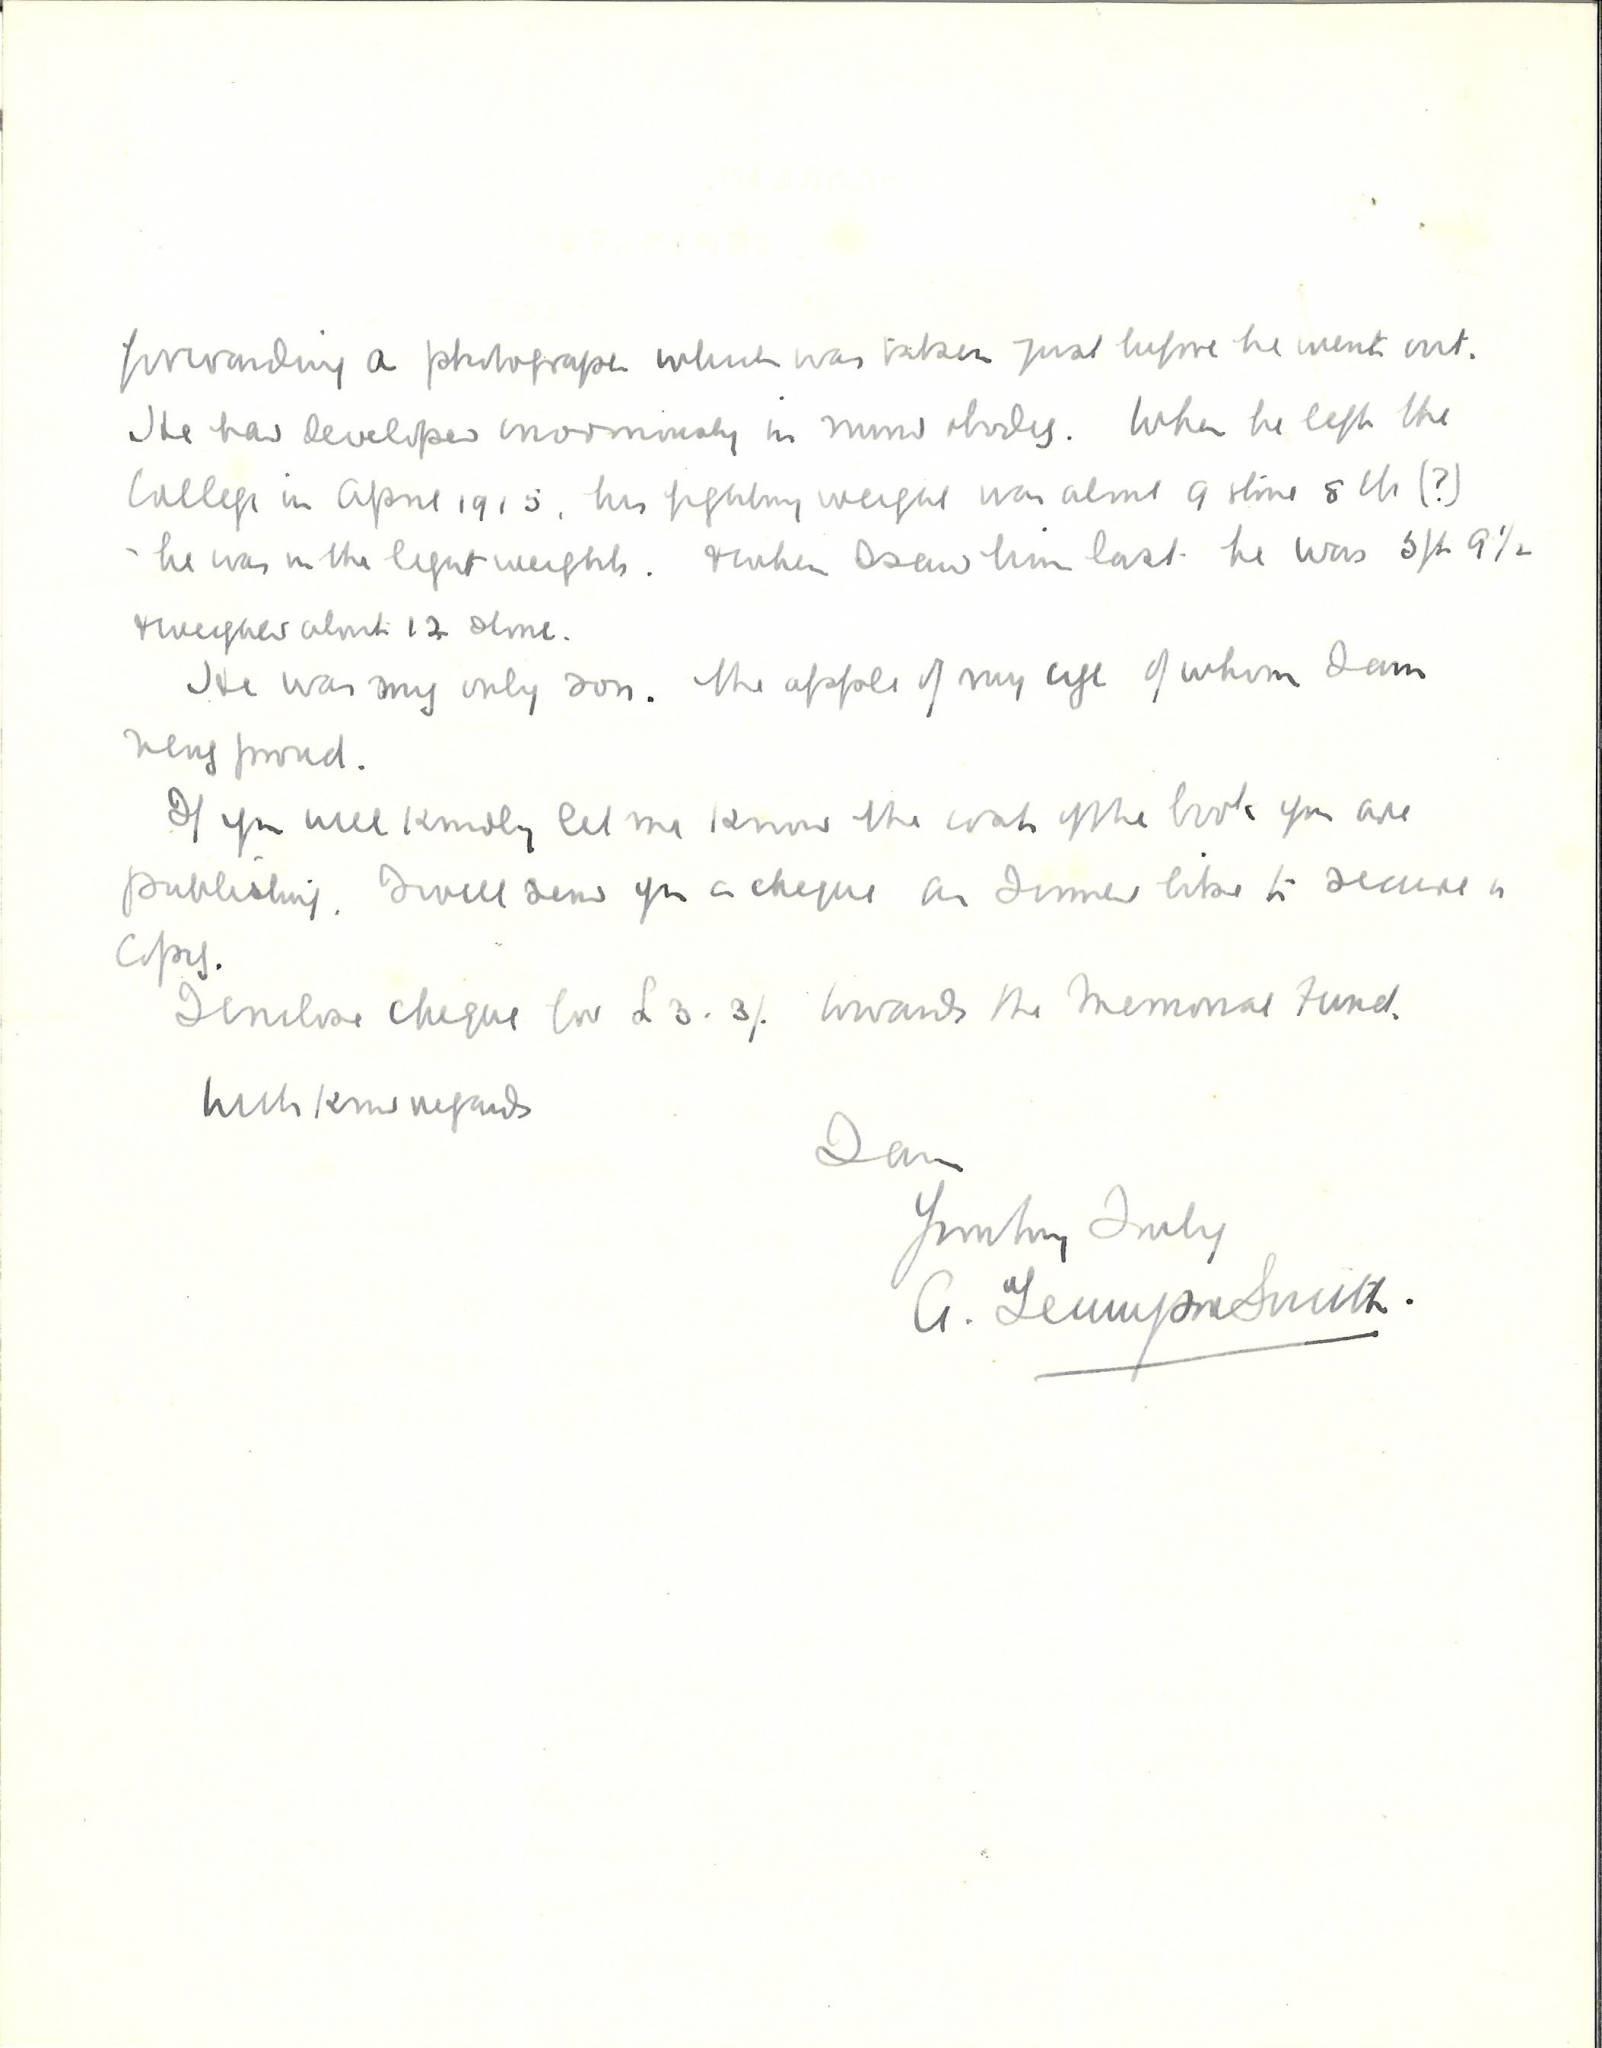 Tennyson Smith JA Father Letter 2